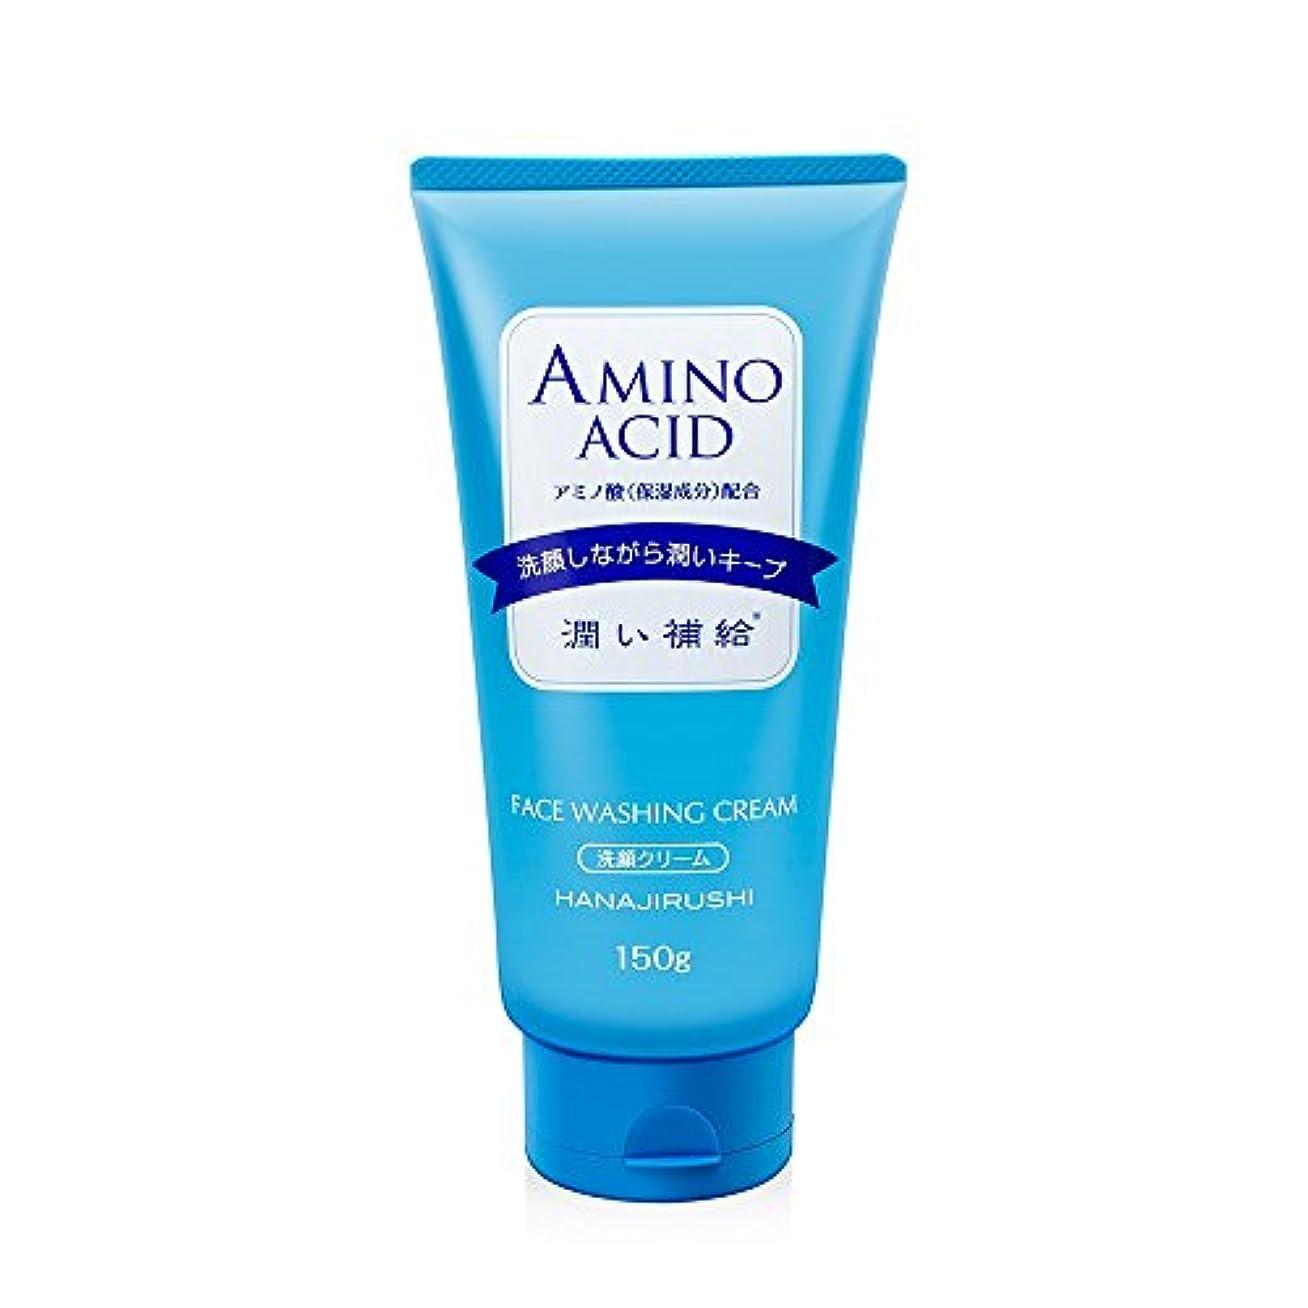 ましい無許可ステートメント花印 保湿補水洗顔クリーム 150g